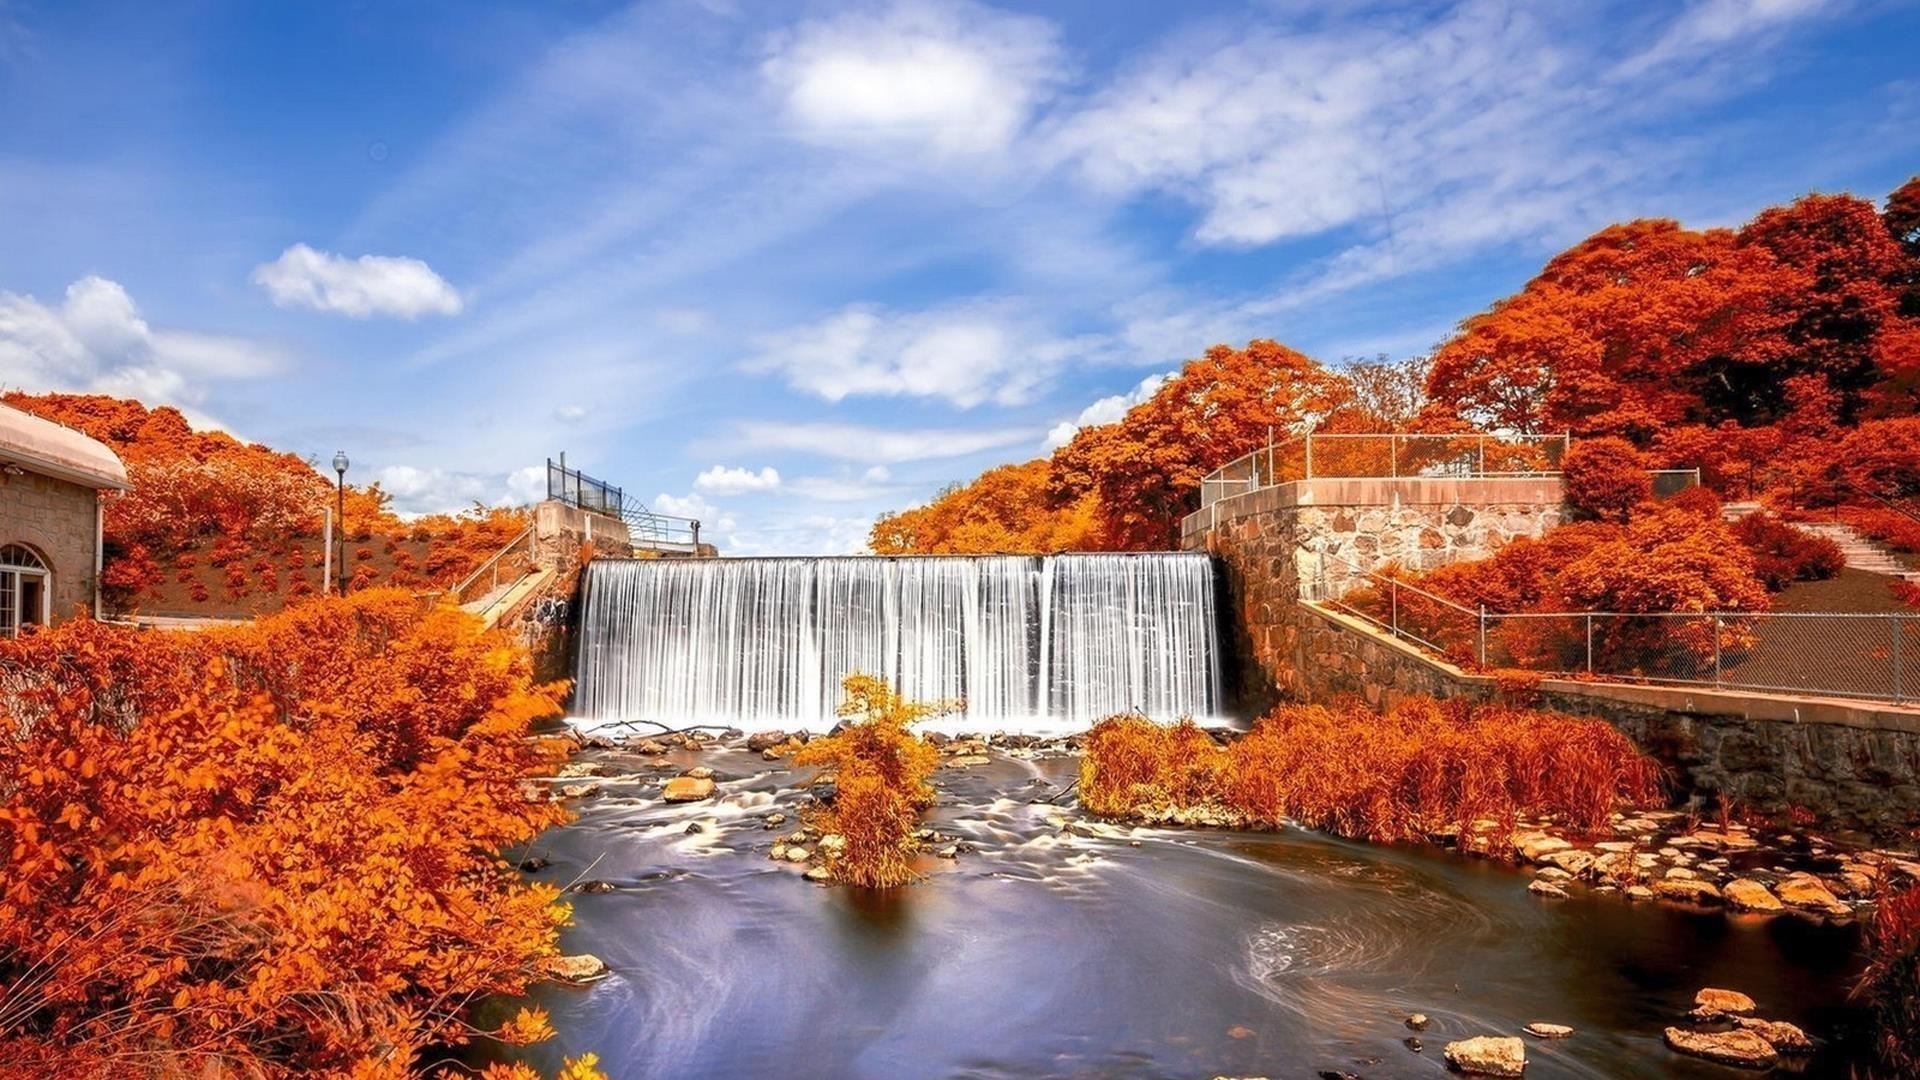 Водопад плотина водопад между осенними деревьями под пасмурным голубым небом природа обои скачать